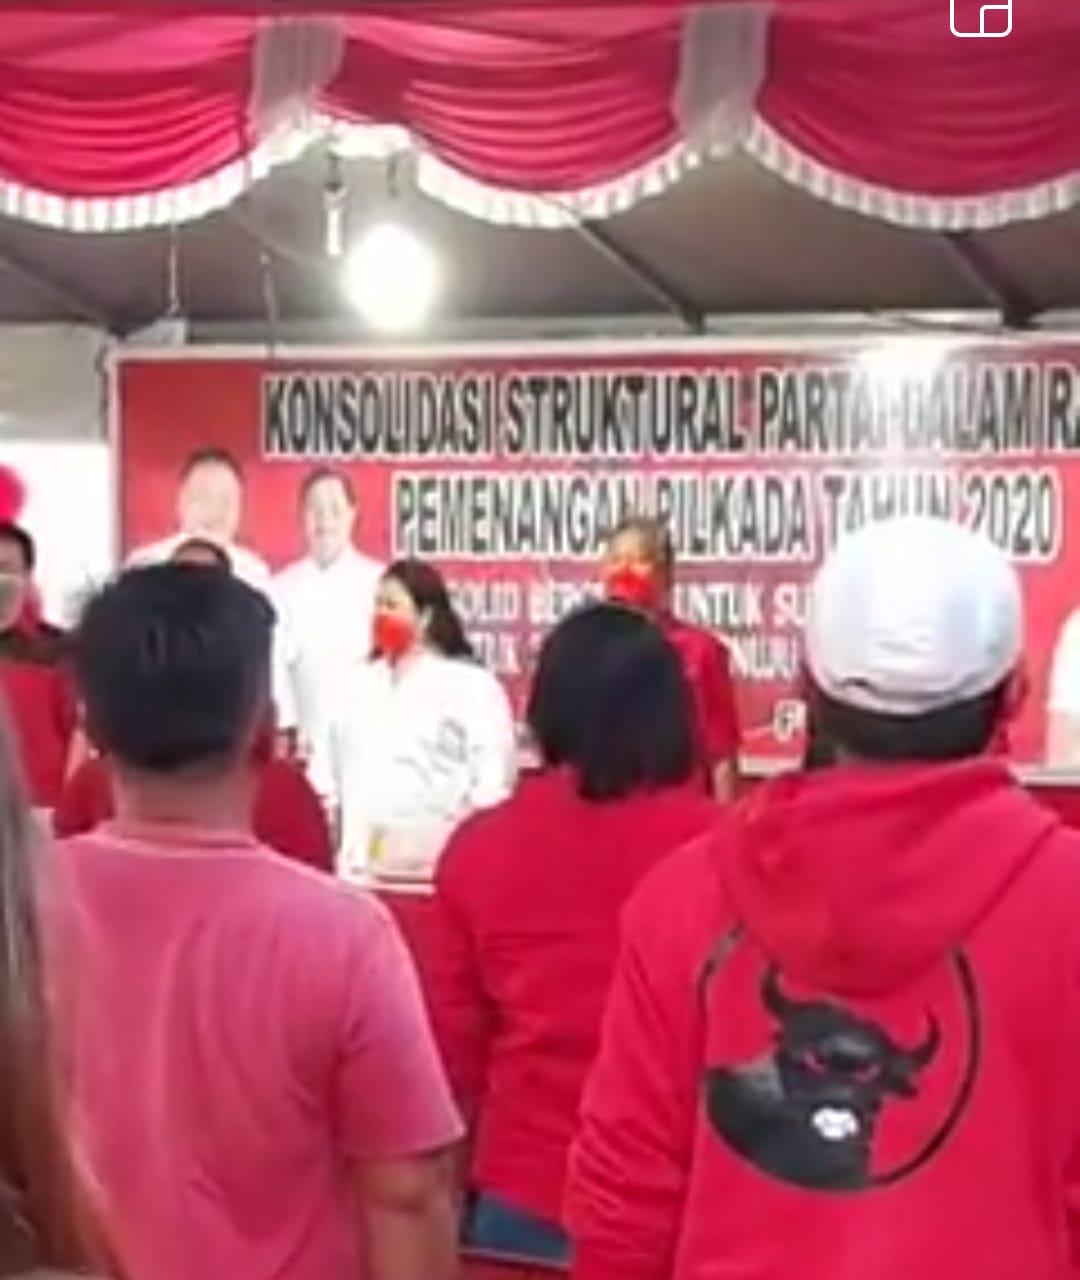 Gelombang Dukungan Luar Biasa Besar Ke FDW-PYR di Kecamatan Tenga